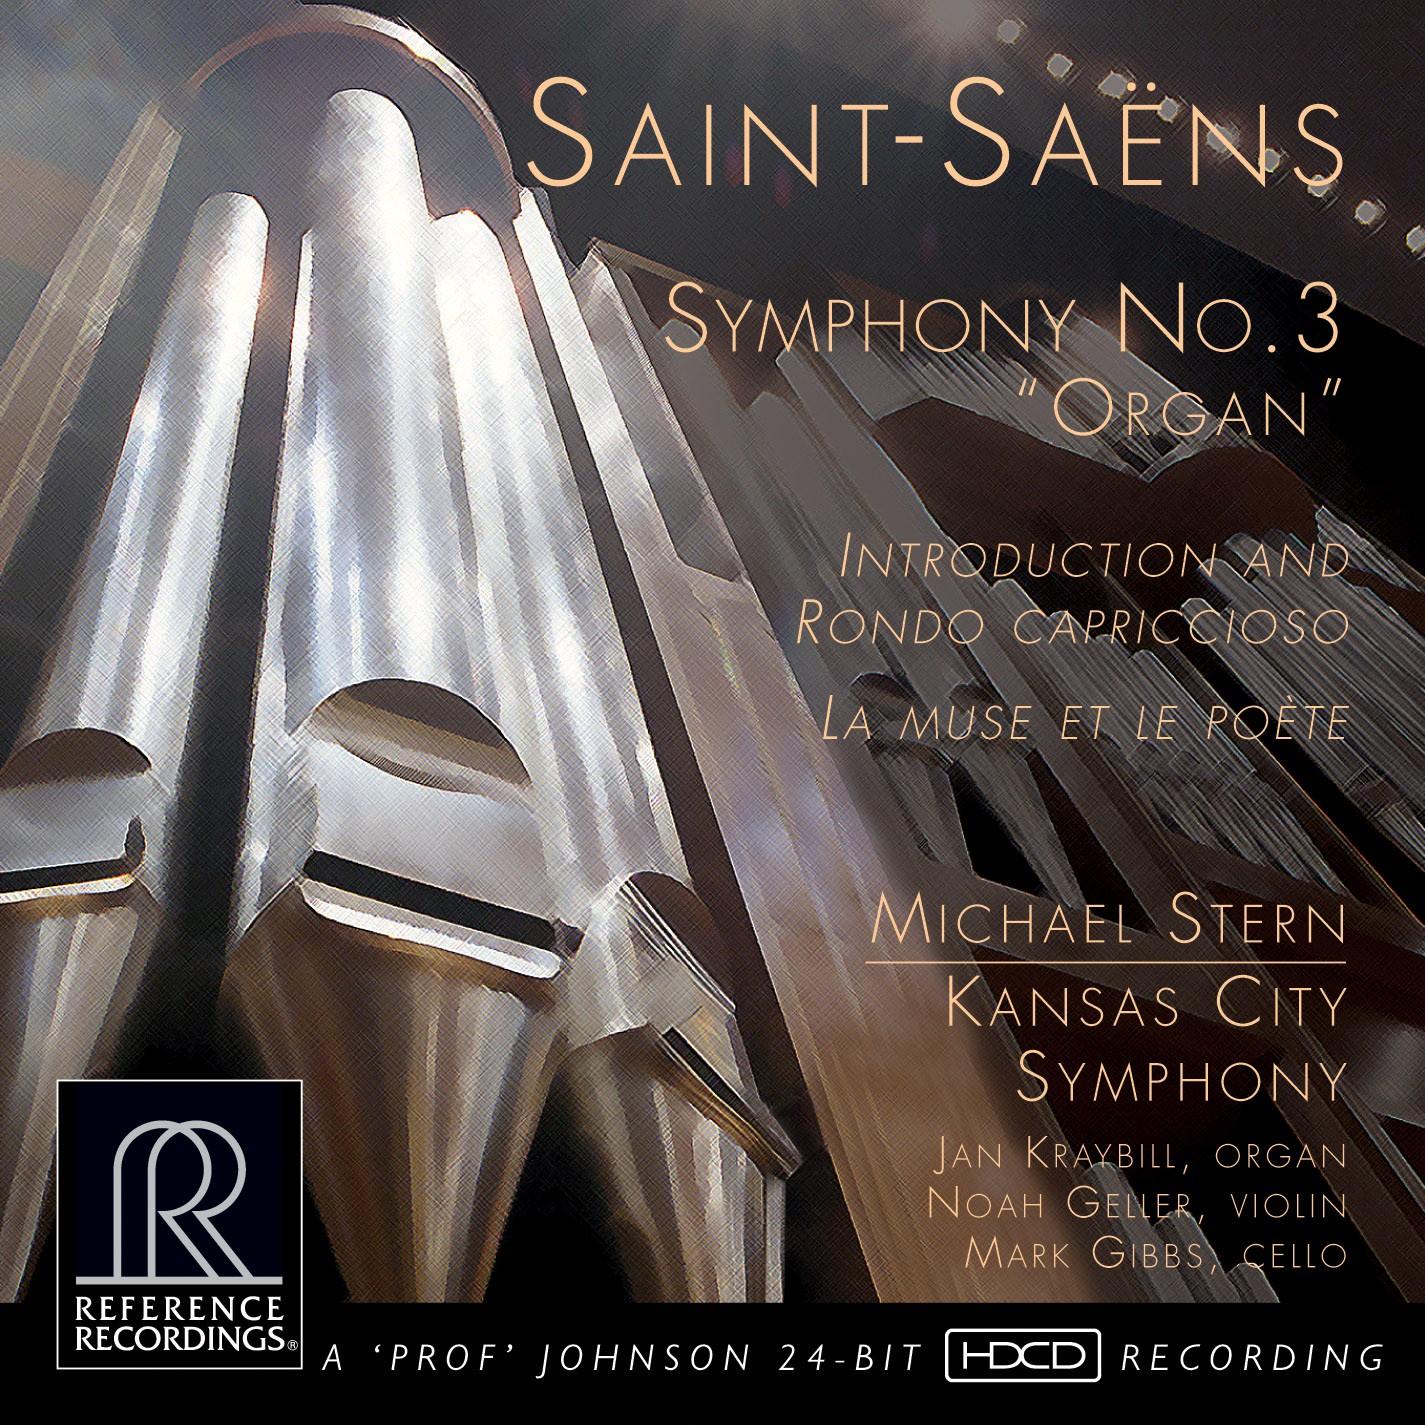 Michael Stern & Kansas City Symphony: Saint-Saëns - Symphony No. 3 - Reference Recordings Hybrid Mul